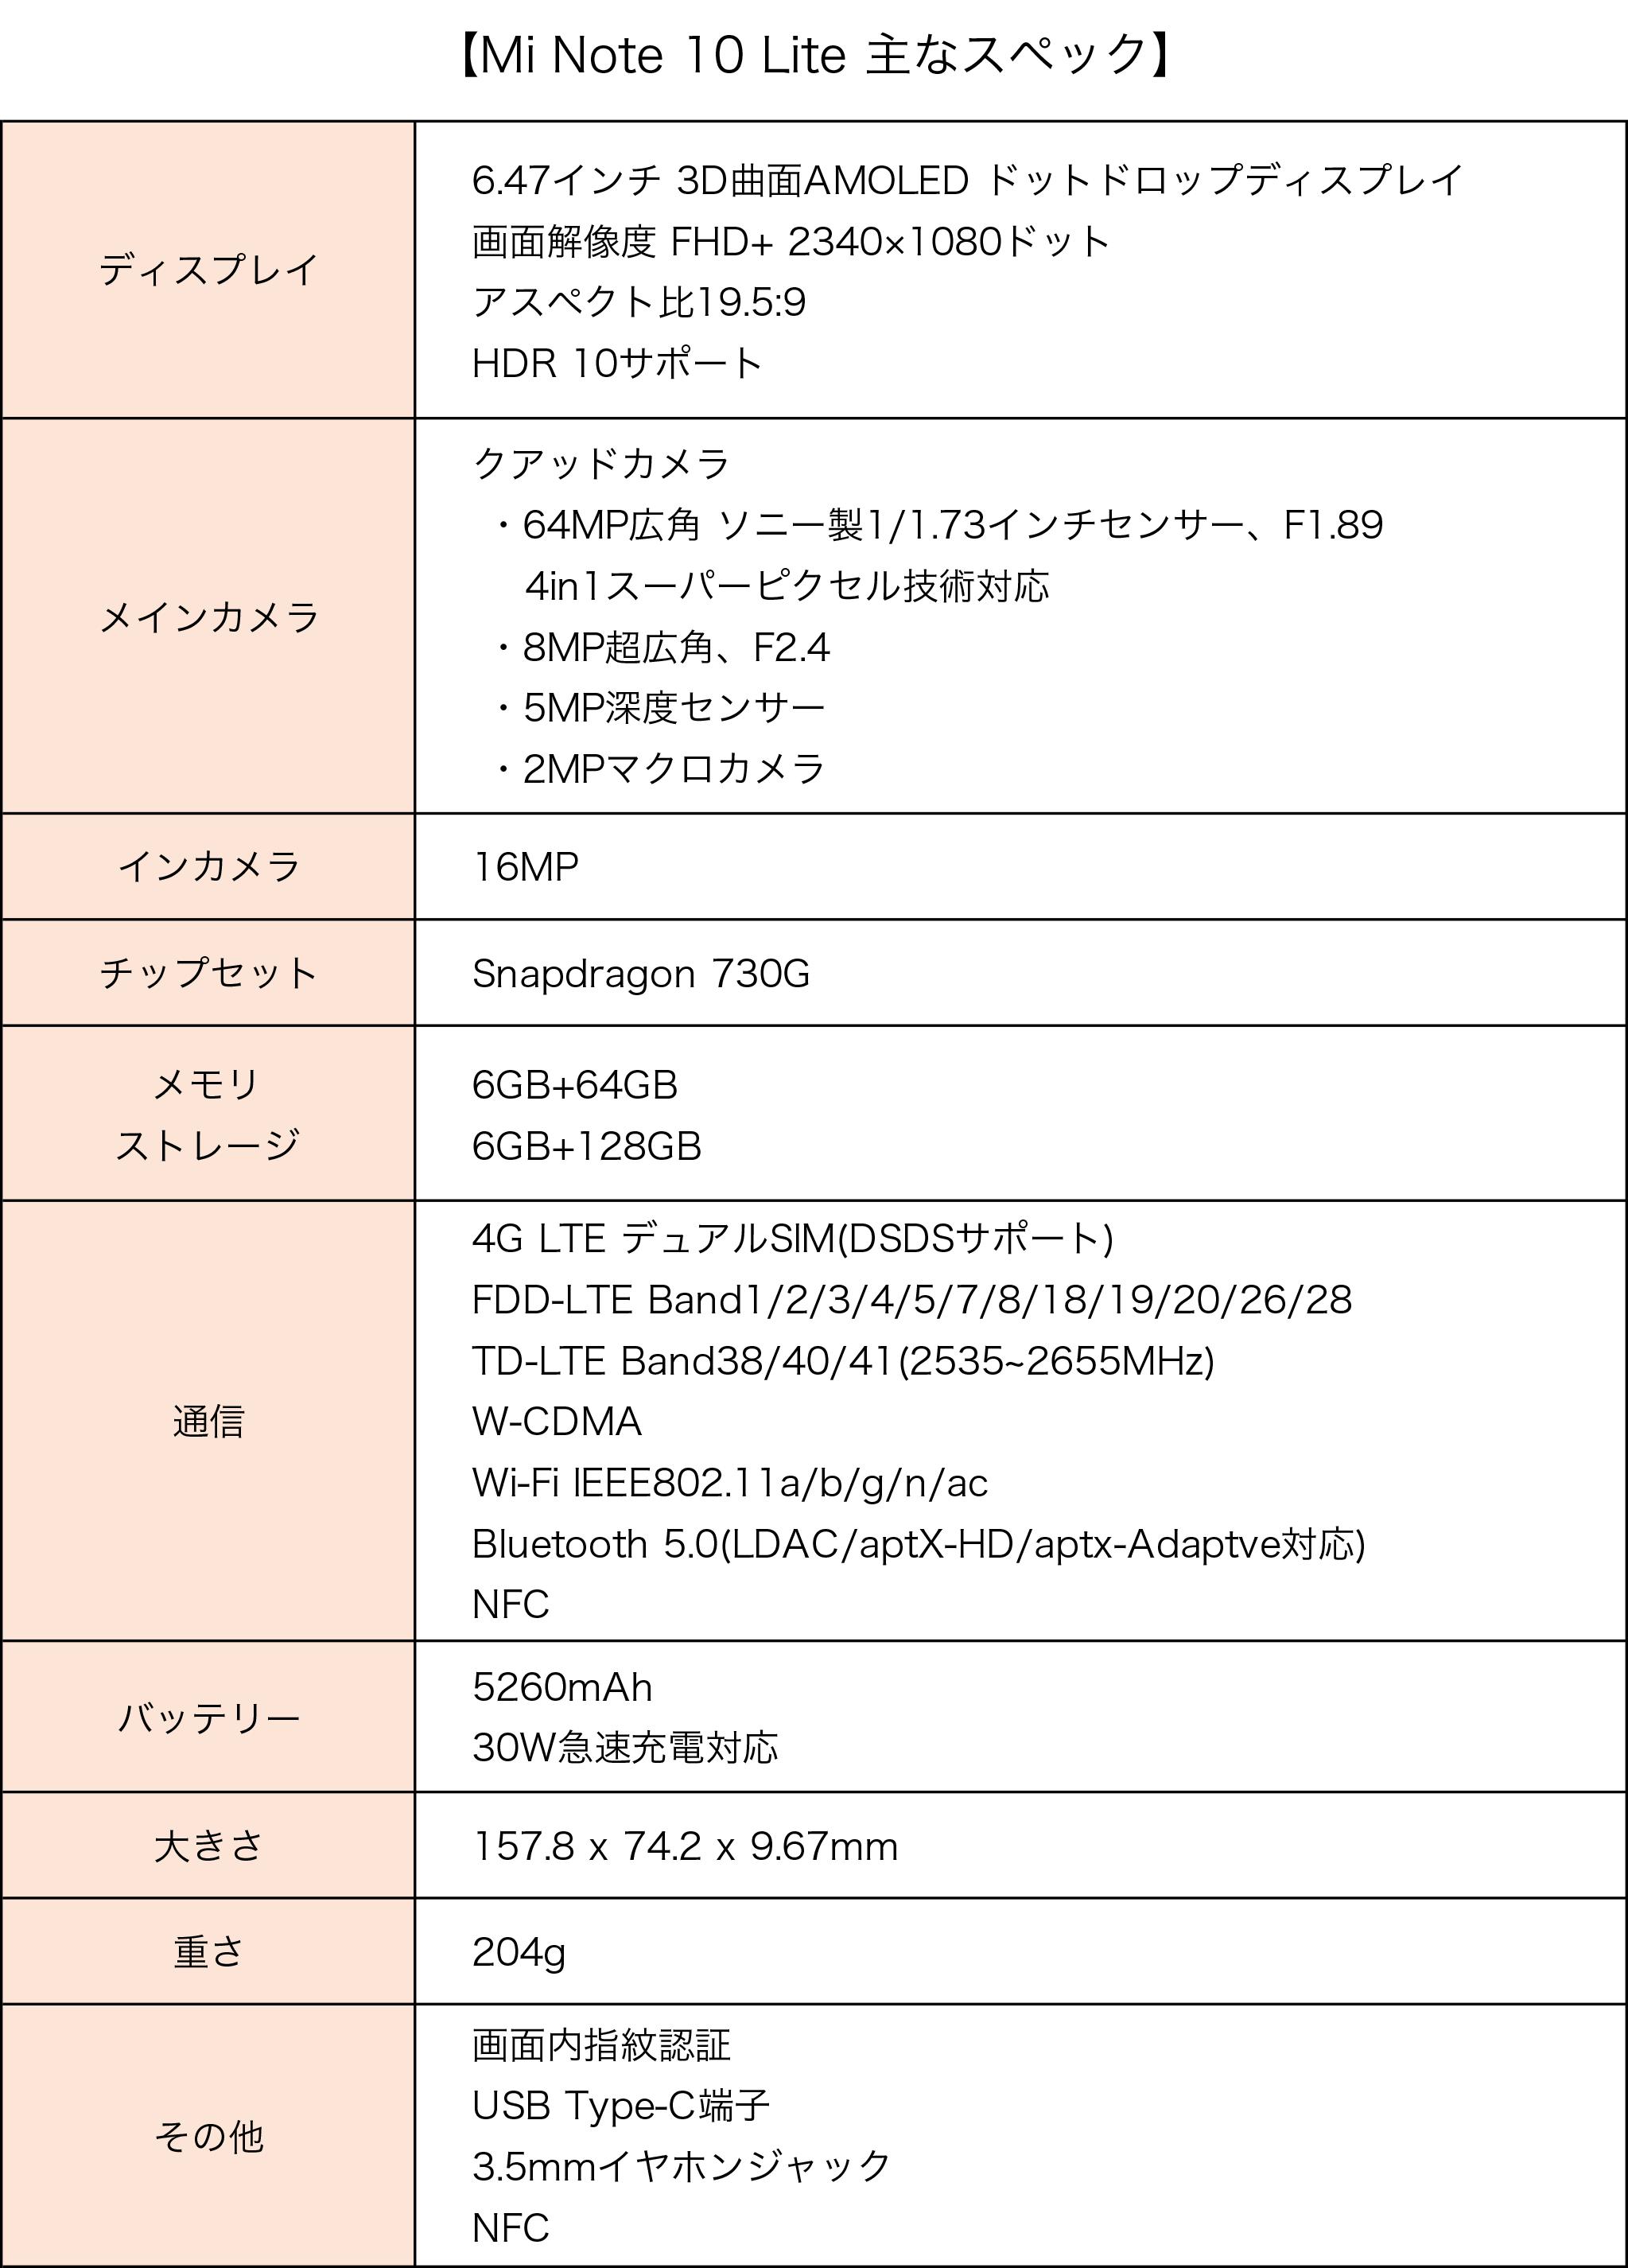 Mi Note 10 Lite スペック表